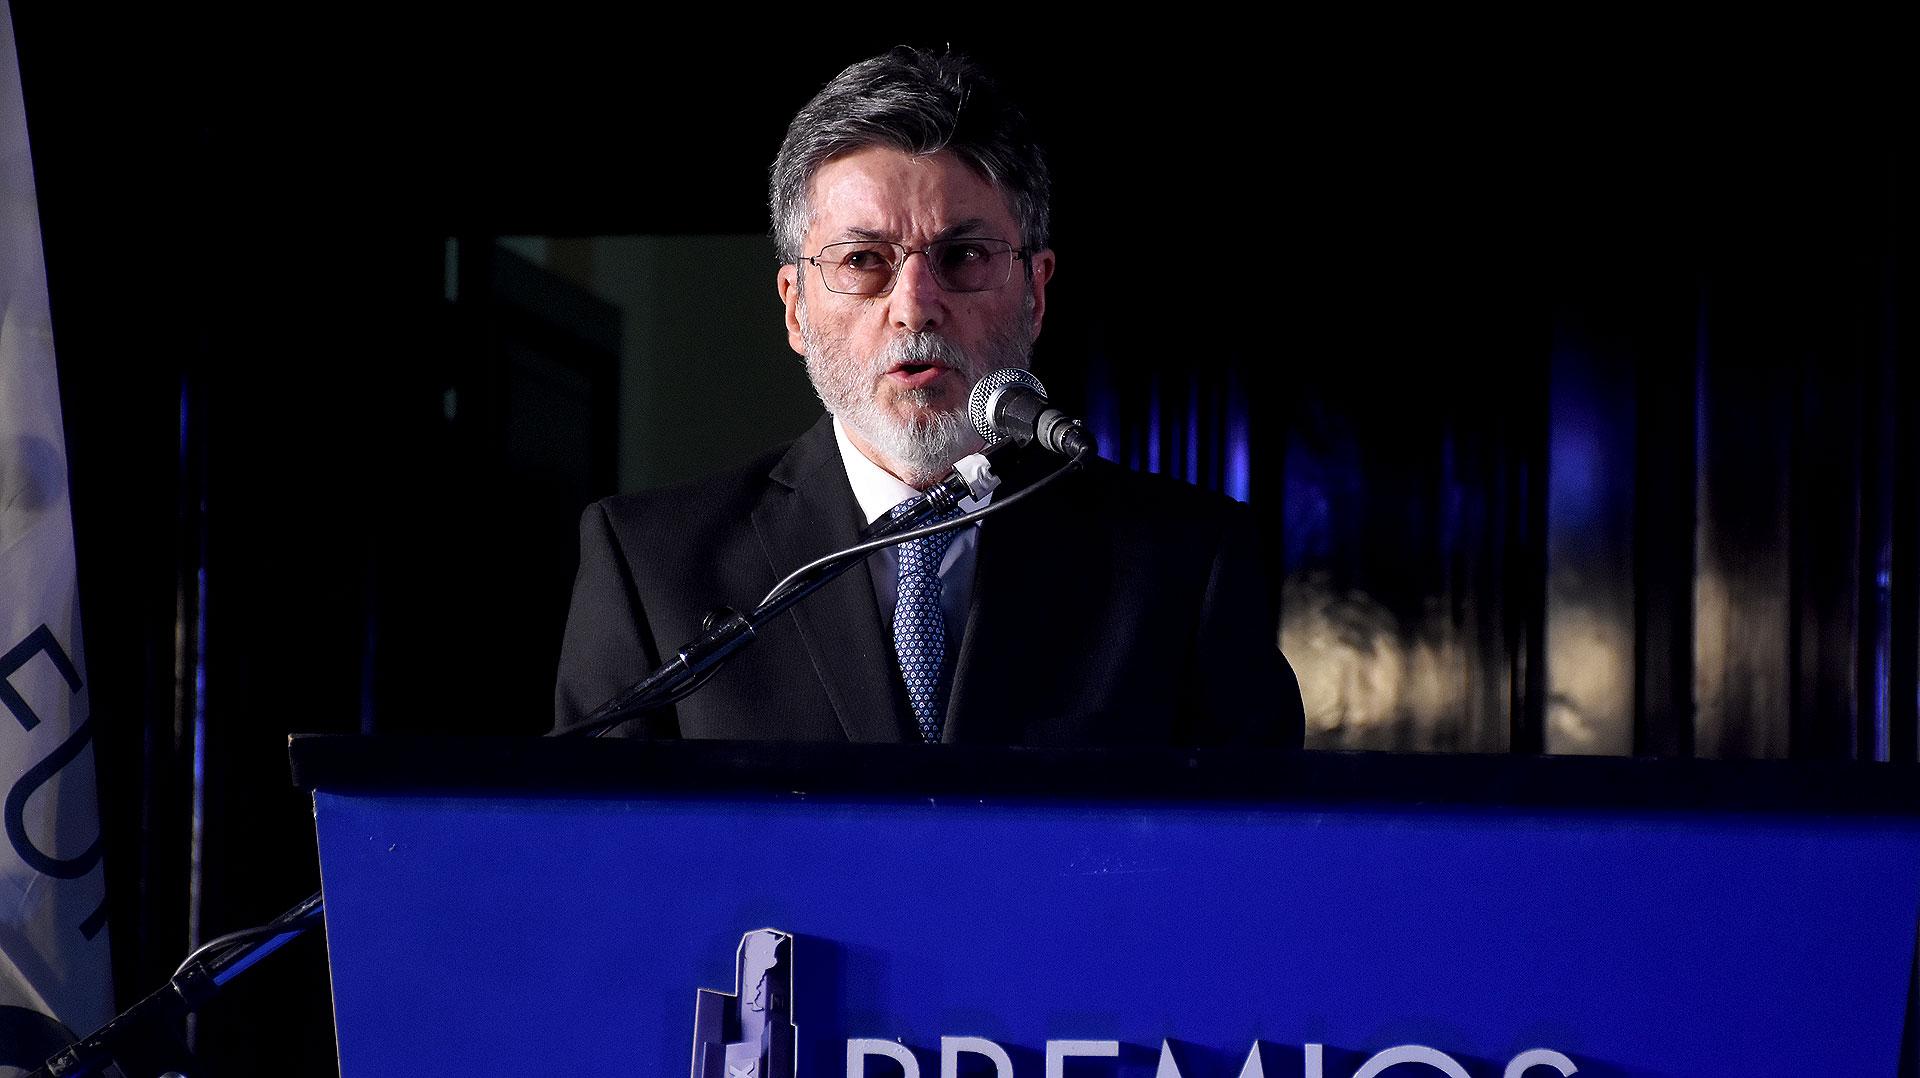 Alberto Abad dirigió unas palabras de agradecimiento en representación de todos los premiados